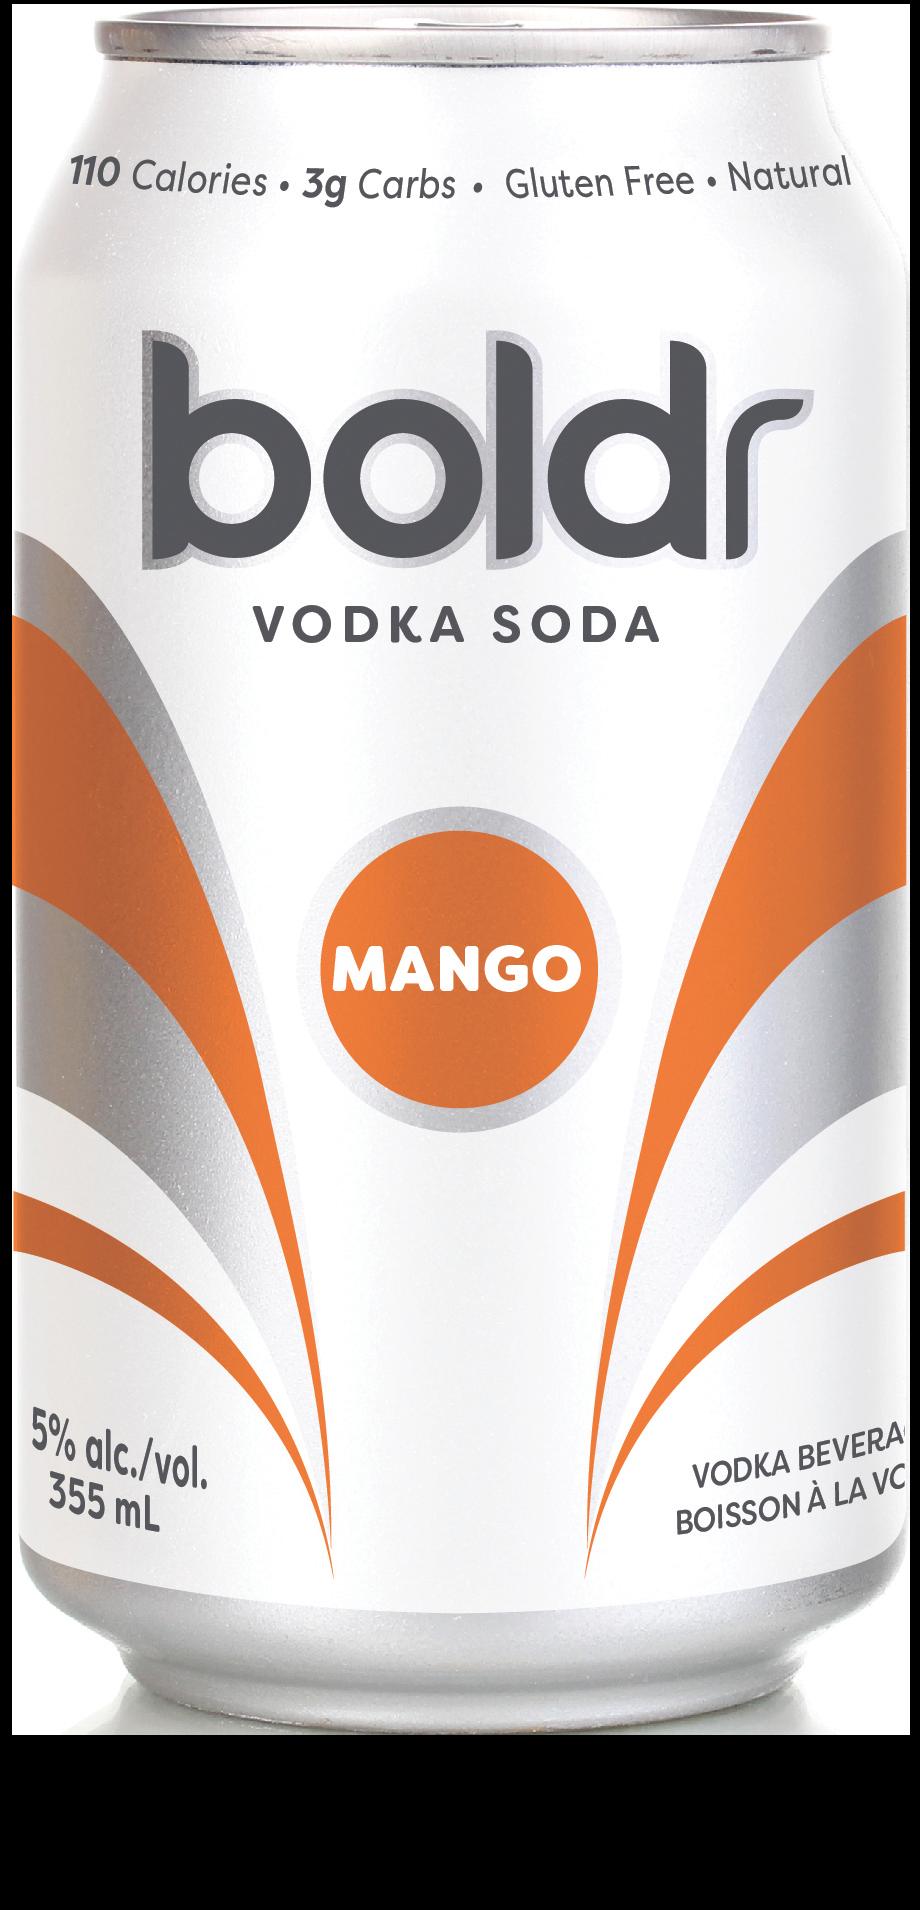 Boldr Mango Vodka Soda